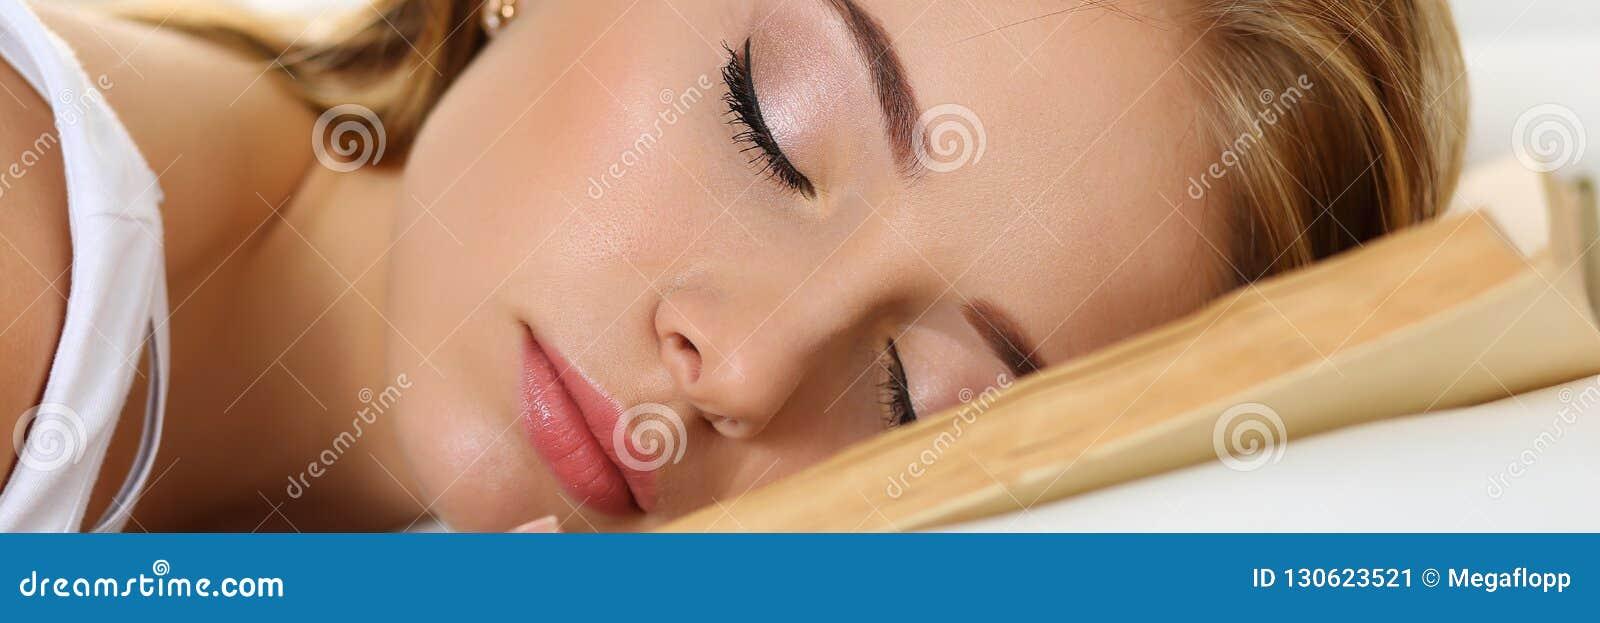 Młody piękny blondynki kobiety portreta lying on the beach w łóżku